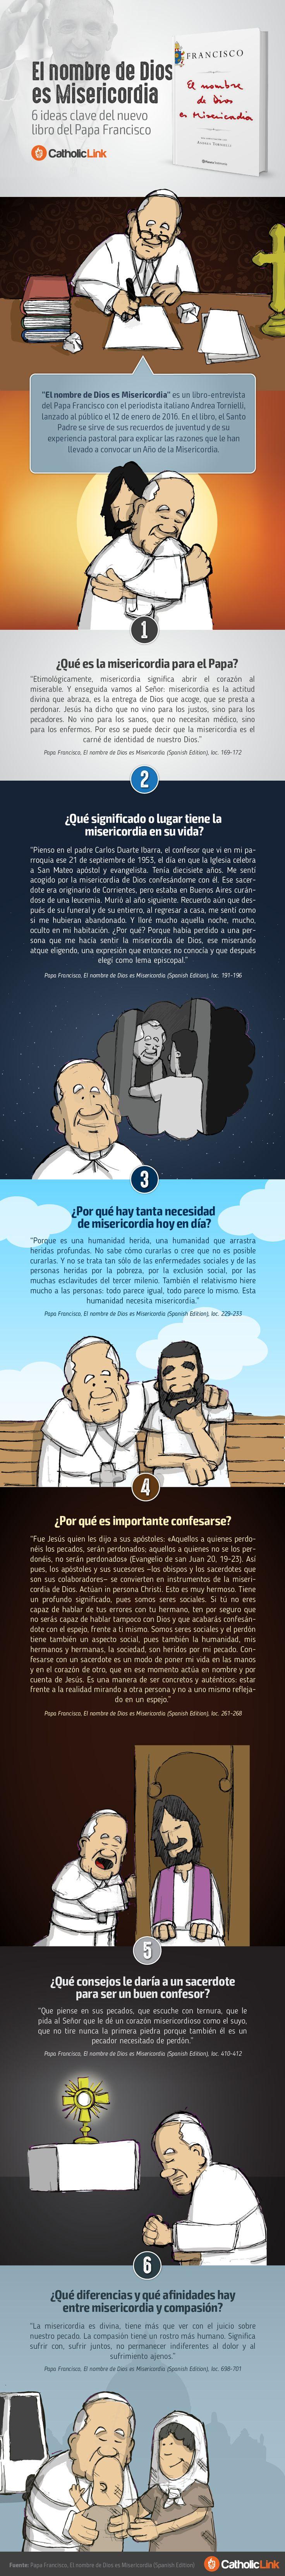 Infografía: 6 puntos clave del nuevo libro del Papa Francisco, «El nombre de Dios es Misericordia»